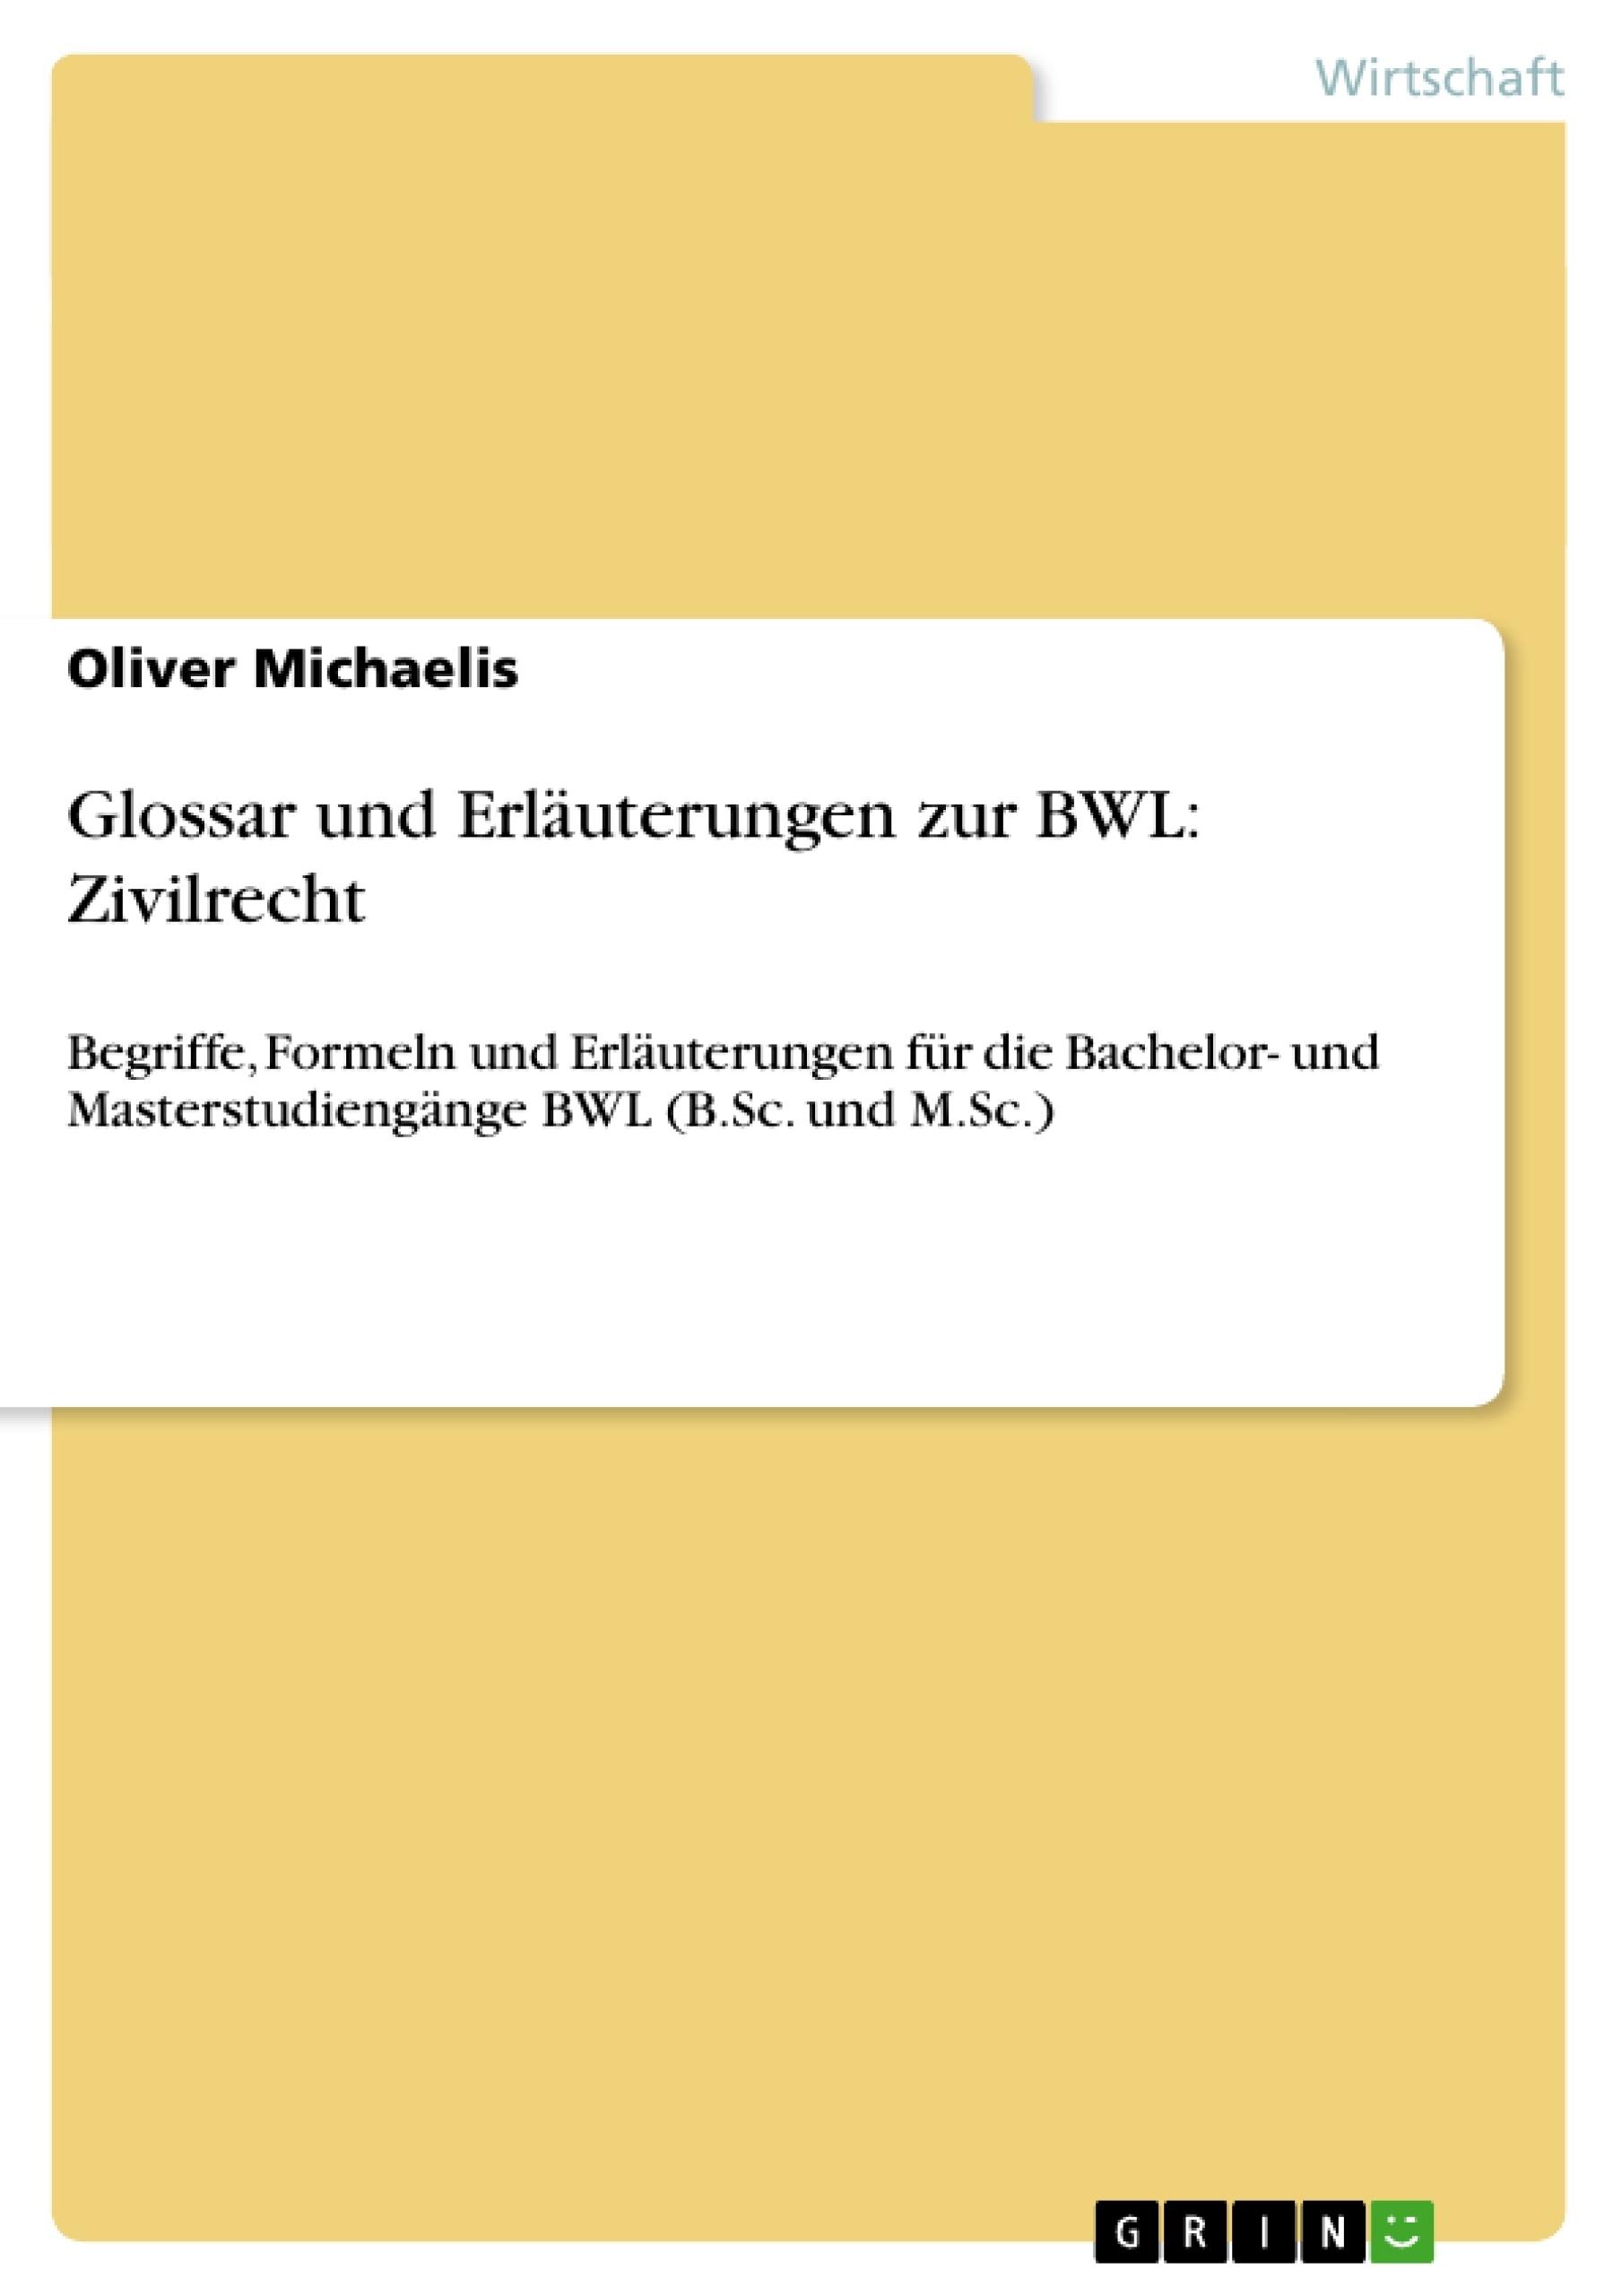 Titel: Glossar und Erläuterungen zur BWL: Zivilrecht